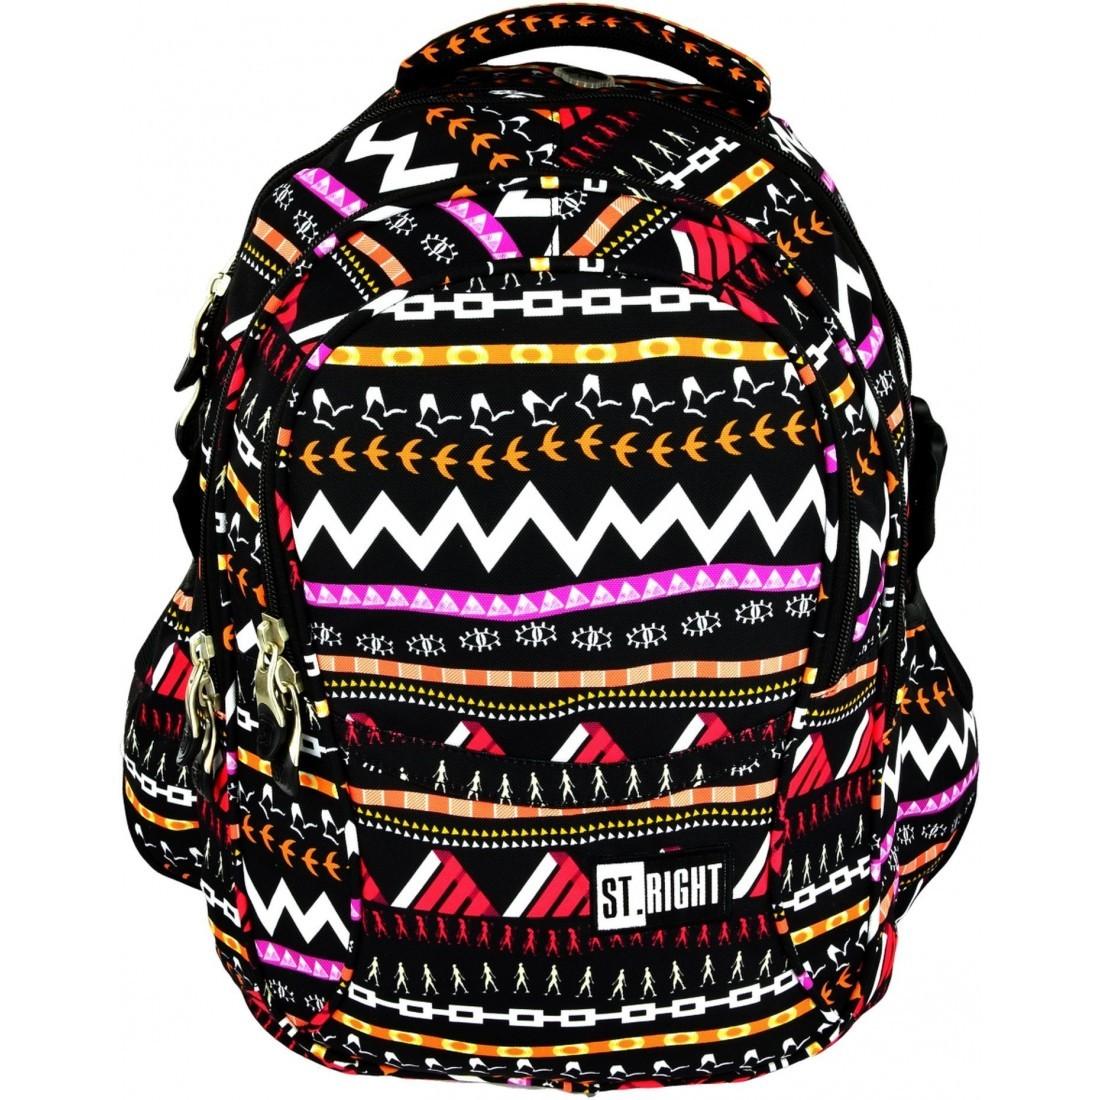 f92e4de0e778c Plecak szkolny na laptop 01 ST.RIGHT ZIG ZAG dla dziewczynki ...